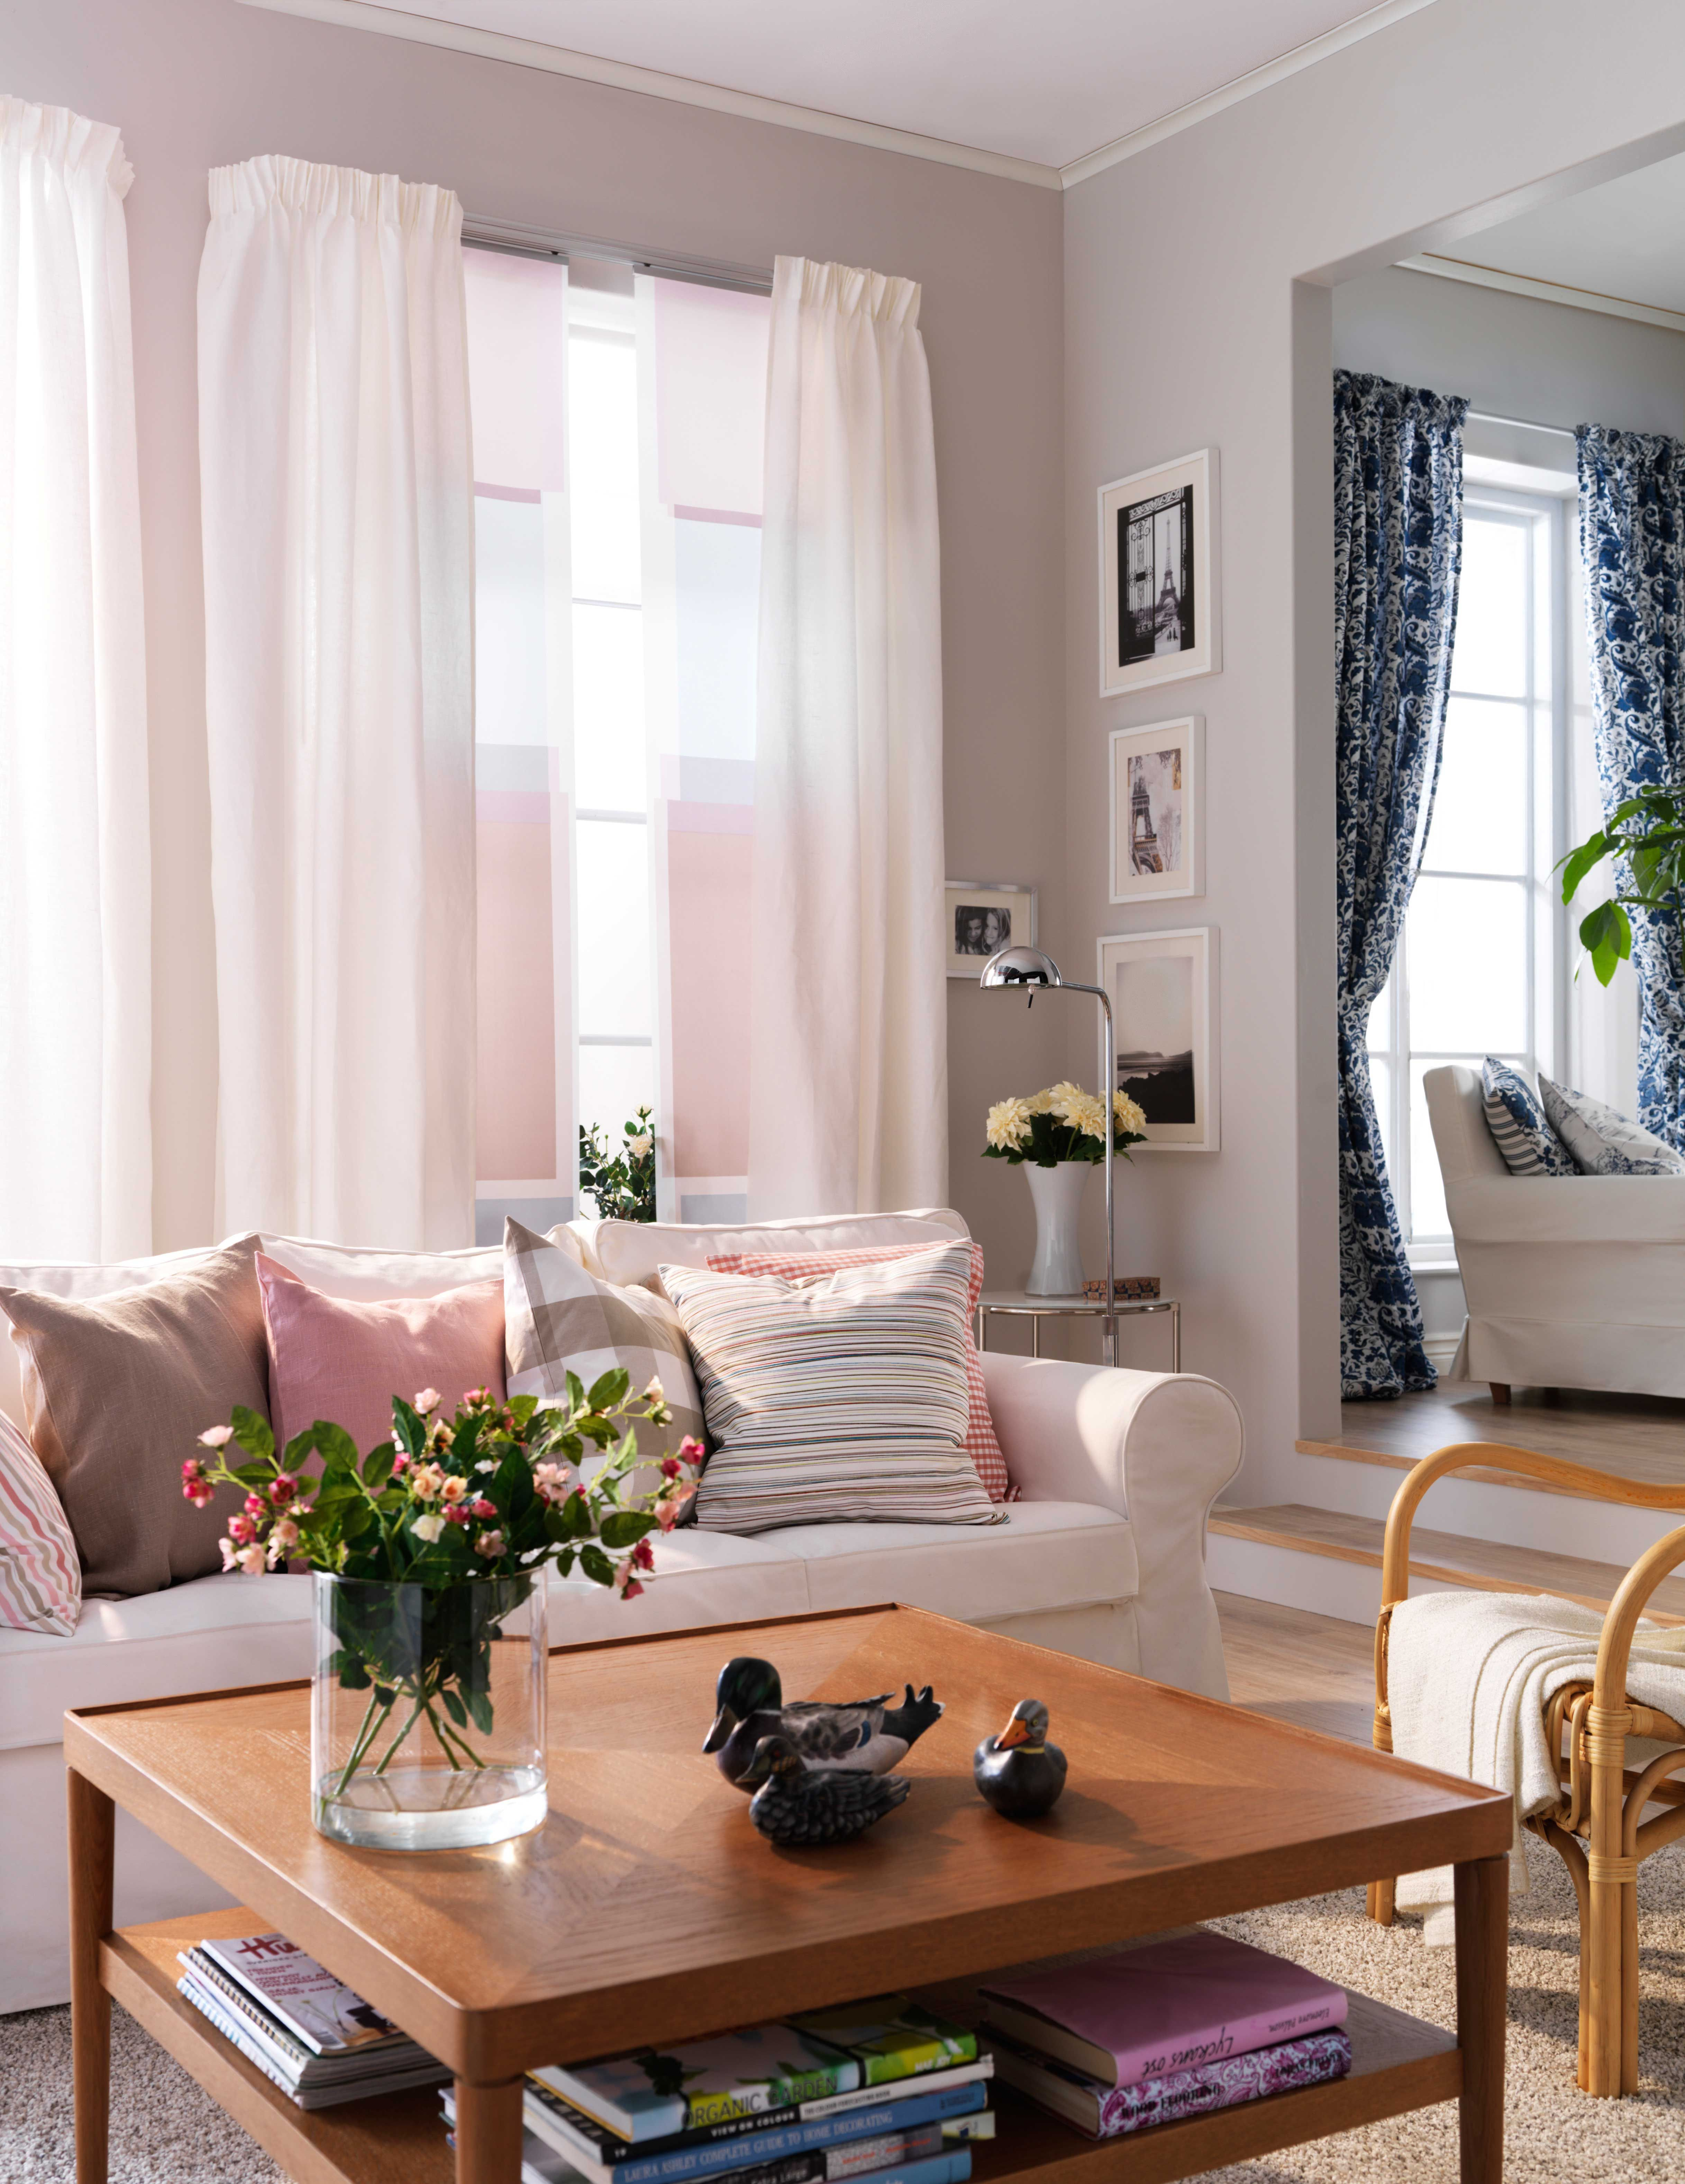 IKEA Österreich Inspiration Wohnzimmer Sitzecke Sessel